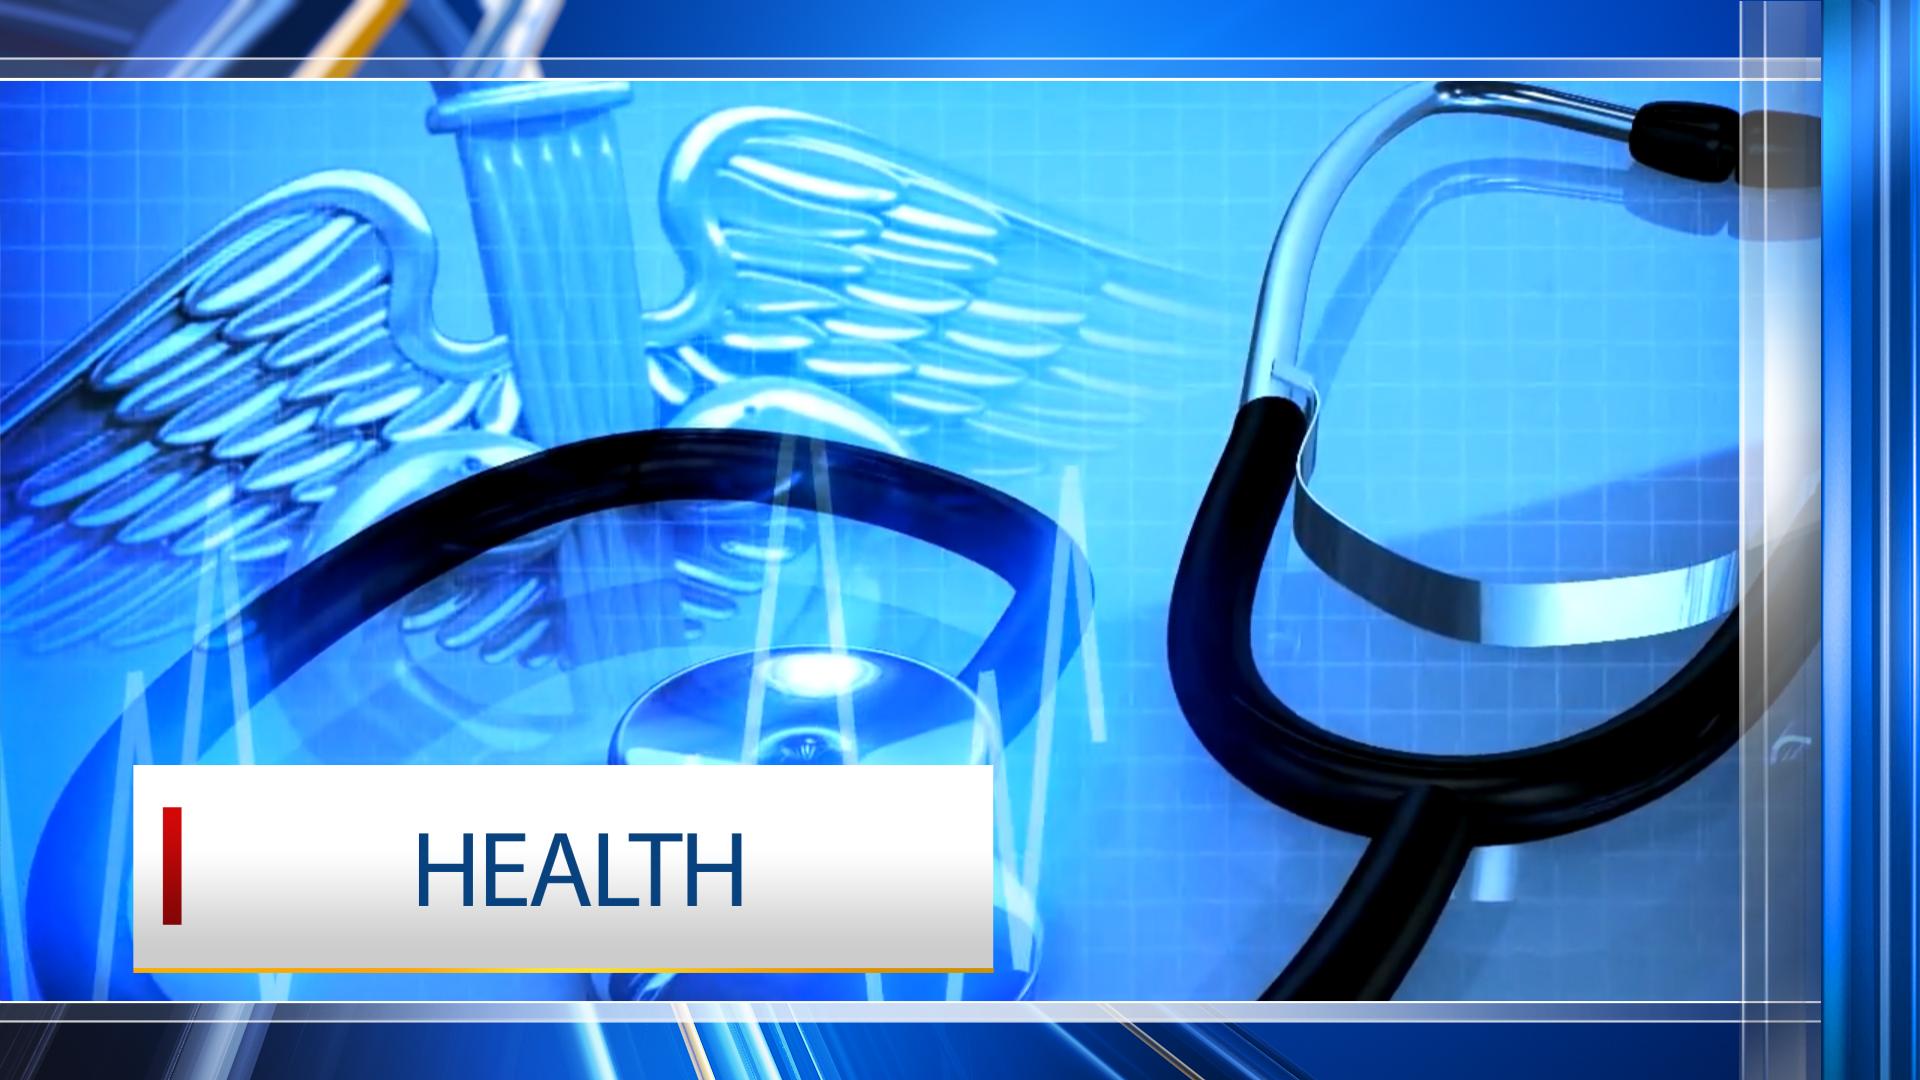 Health_1546568962793.jpg